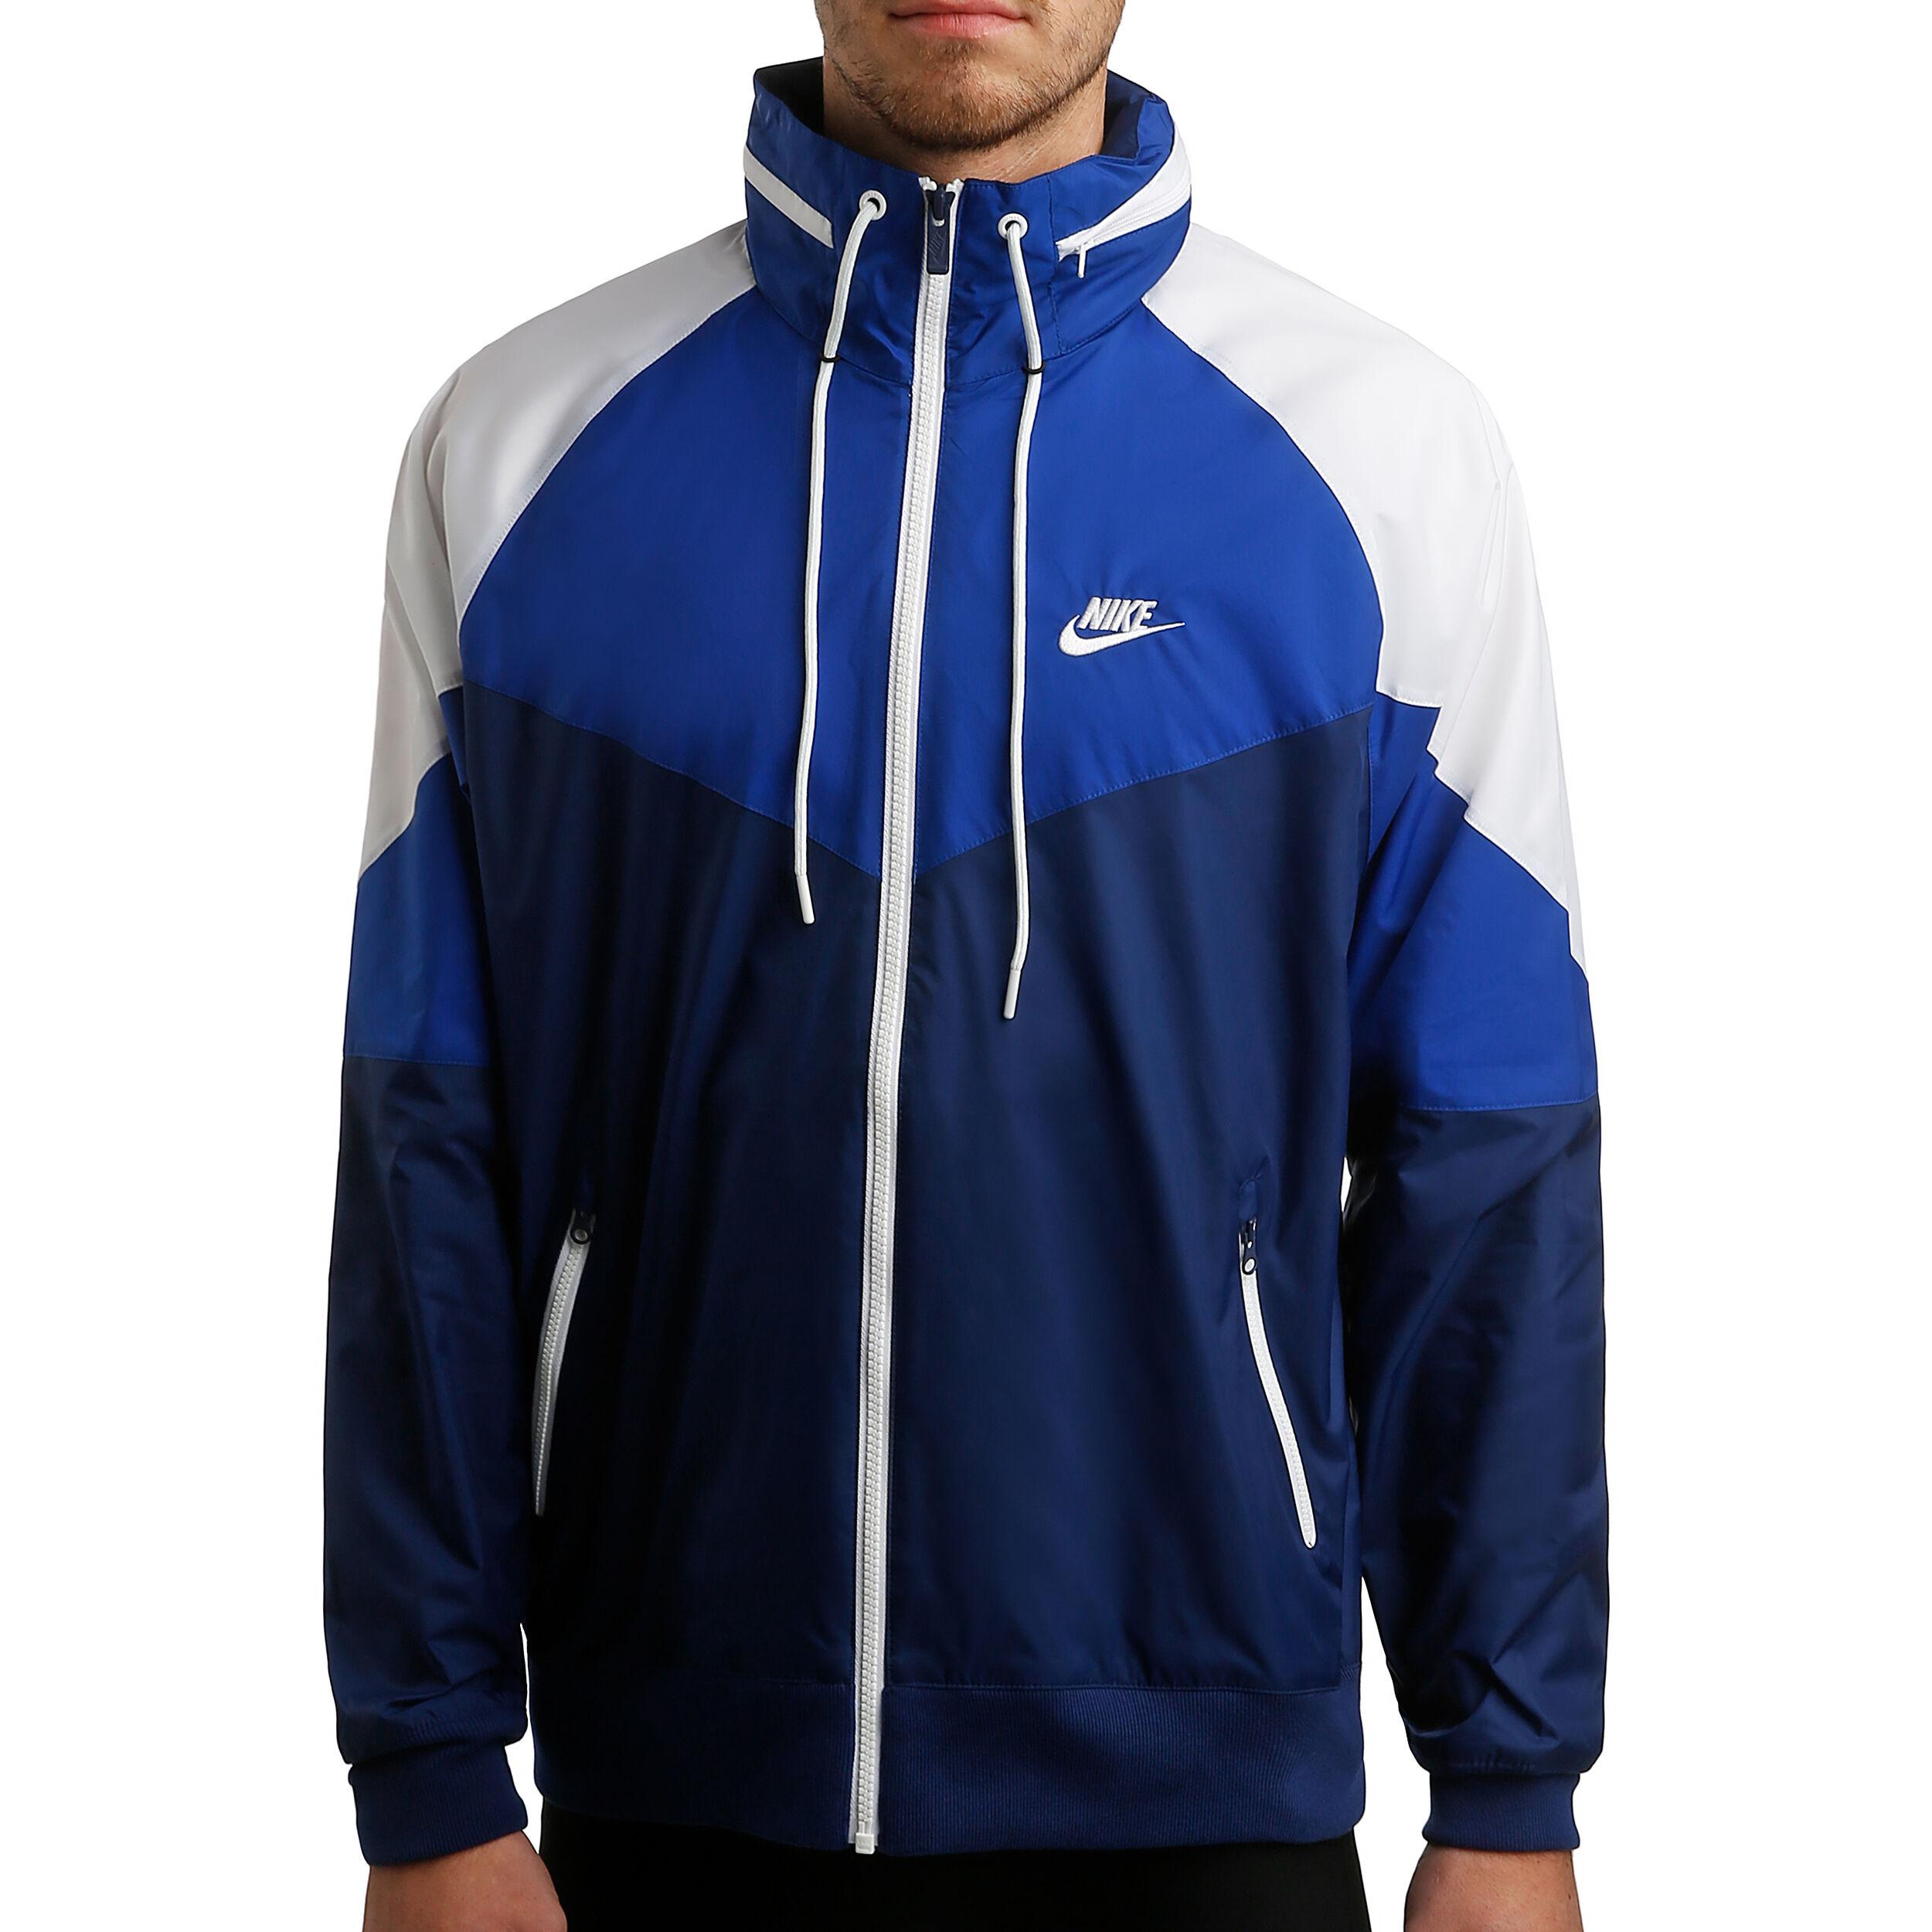 Nike Sportswear Winter Jacke 2017